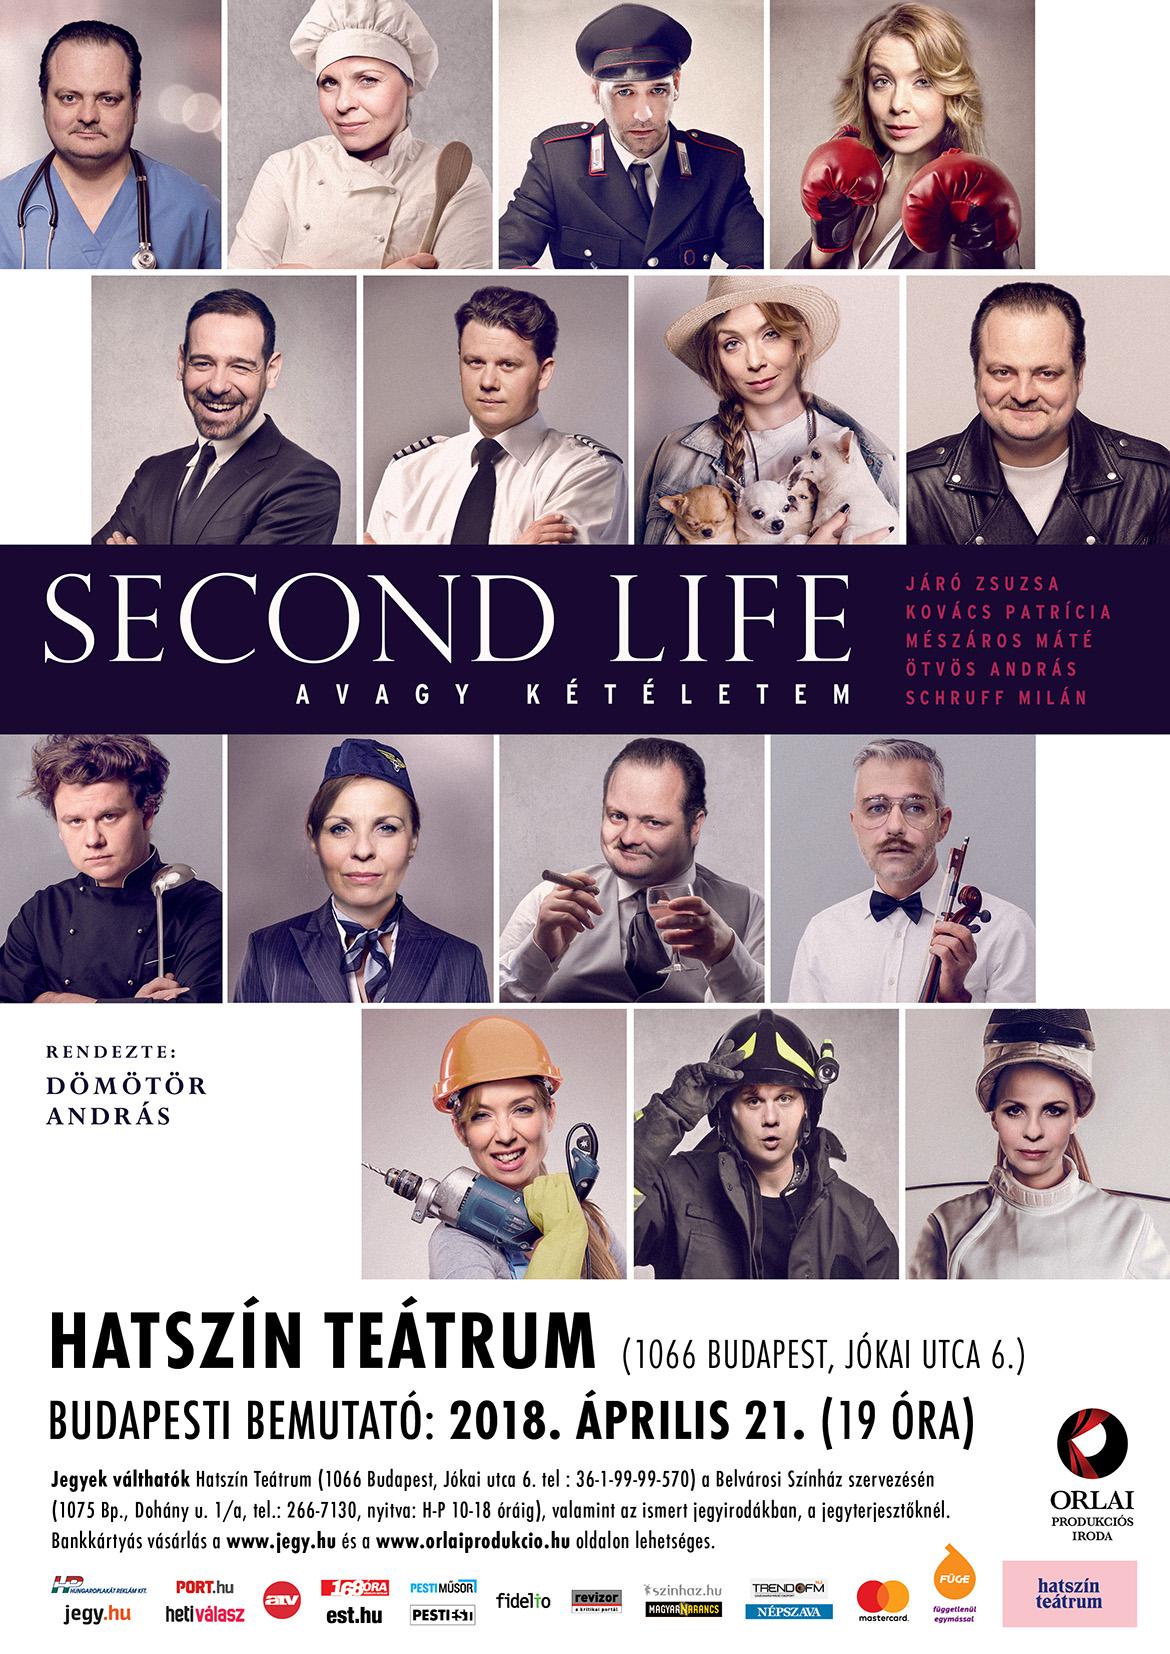 59-20180130-secondlife_a3_plakat.jpg